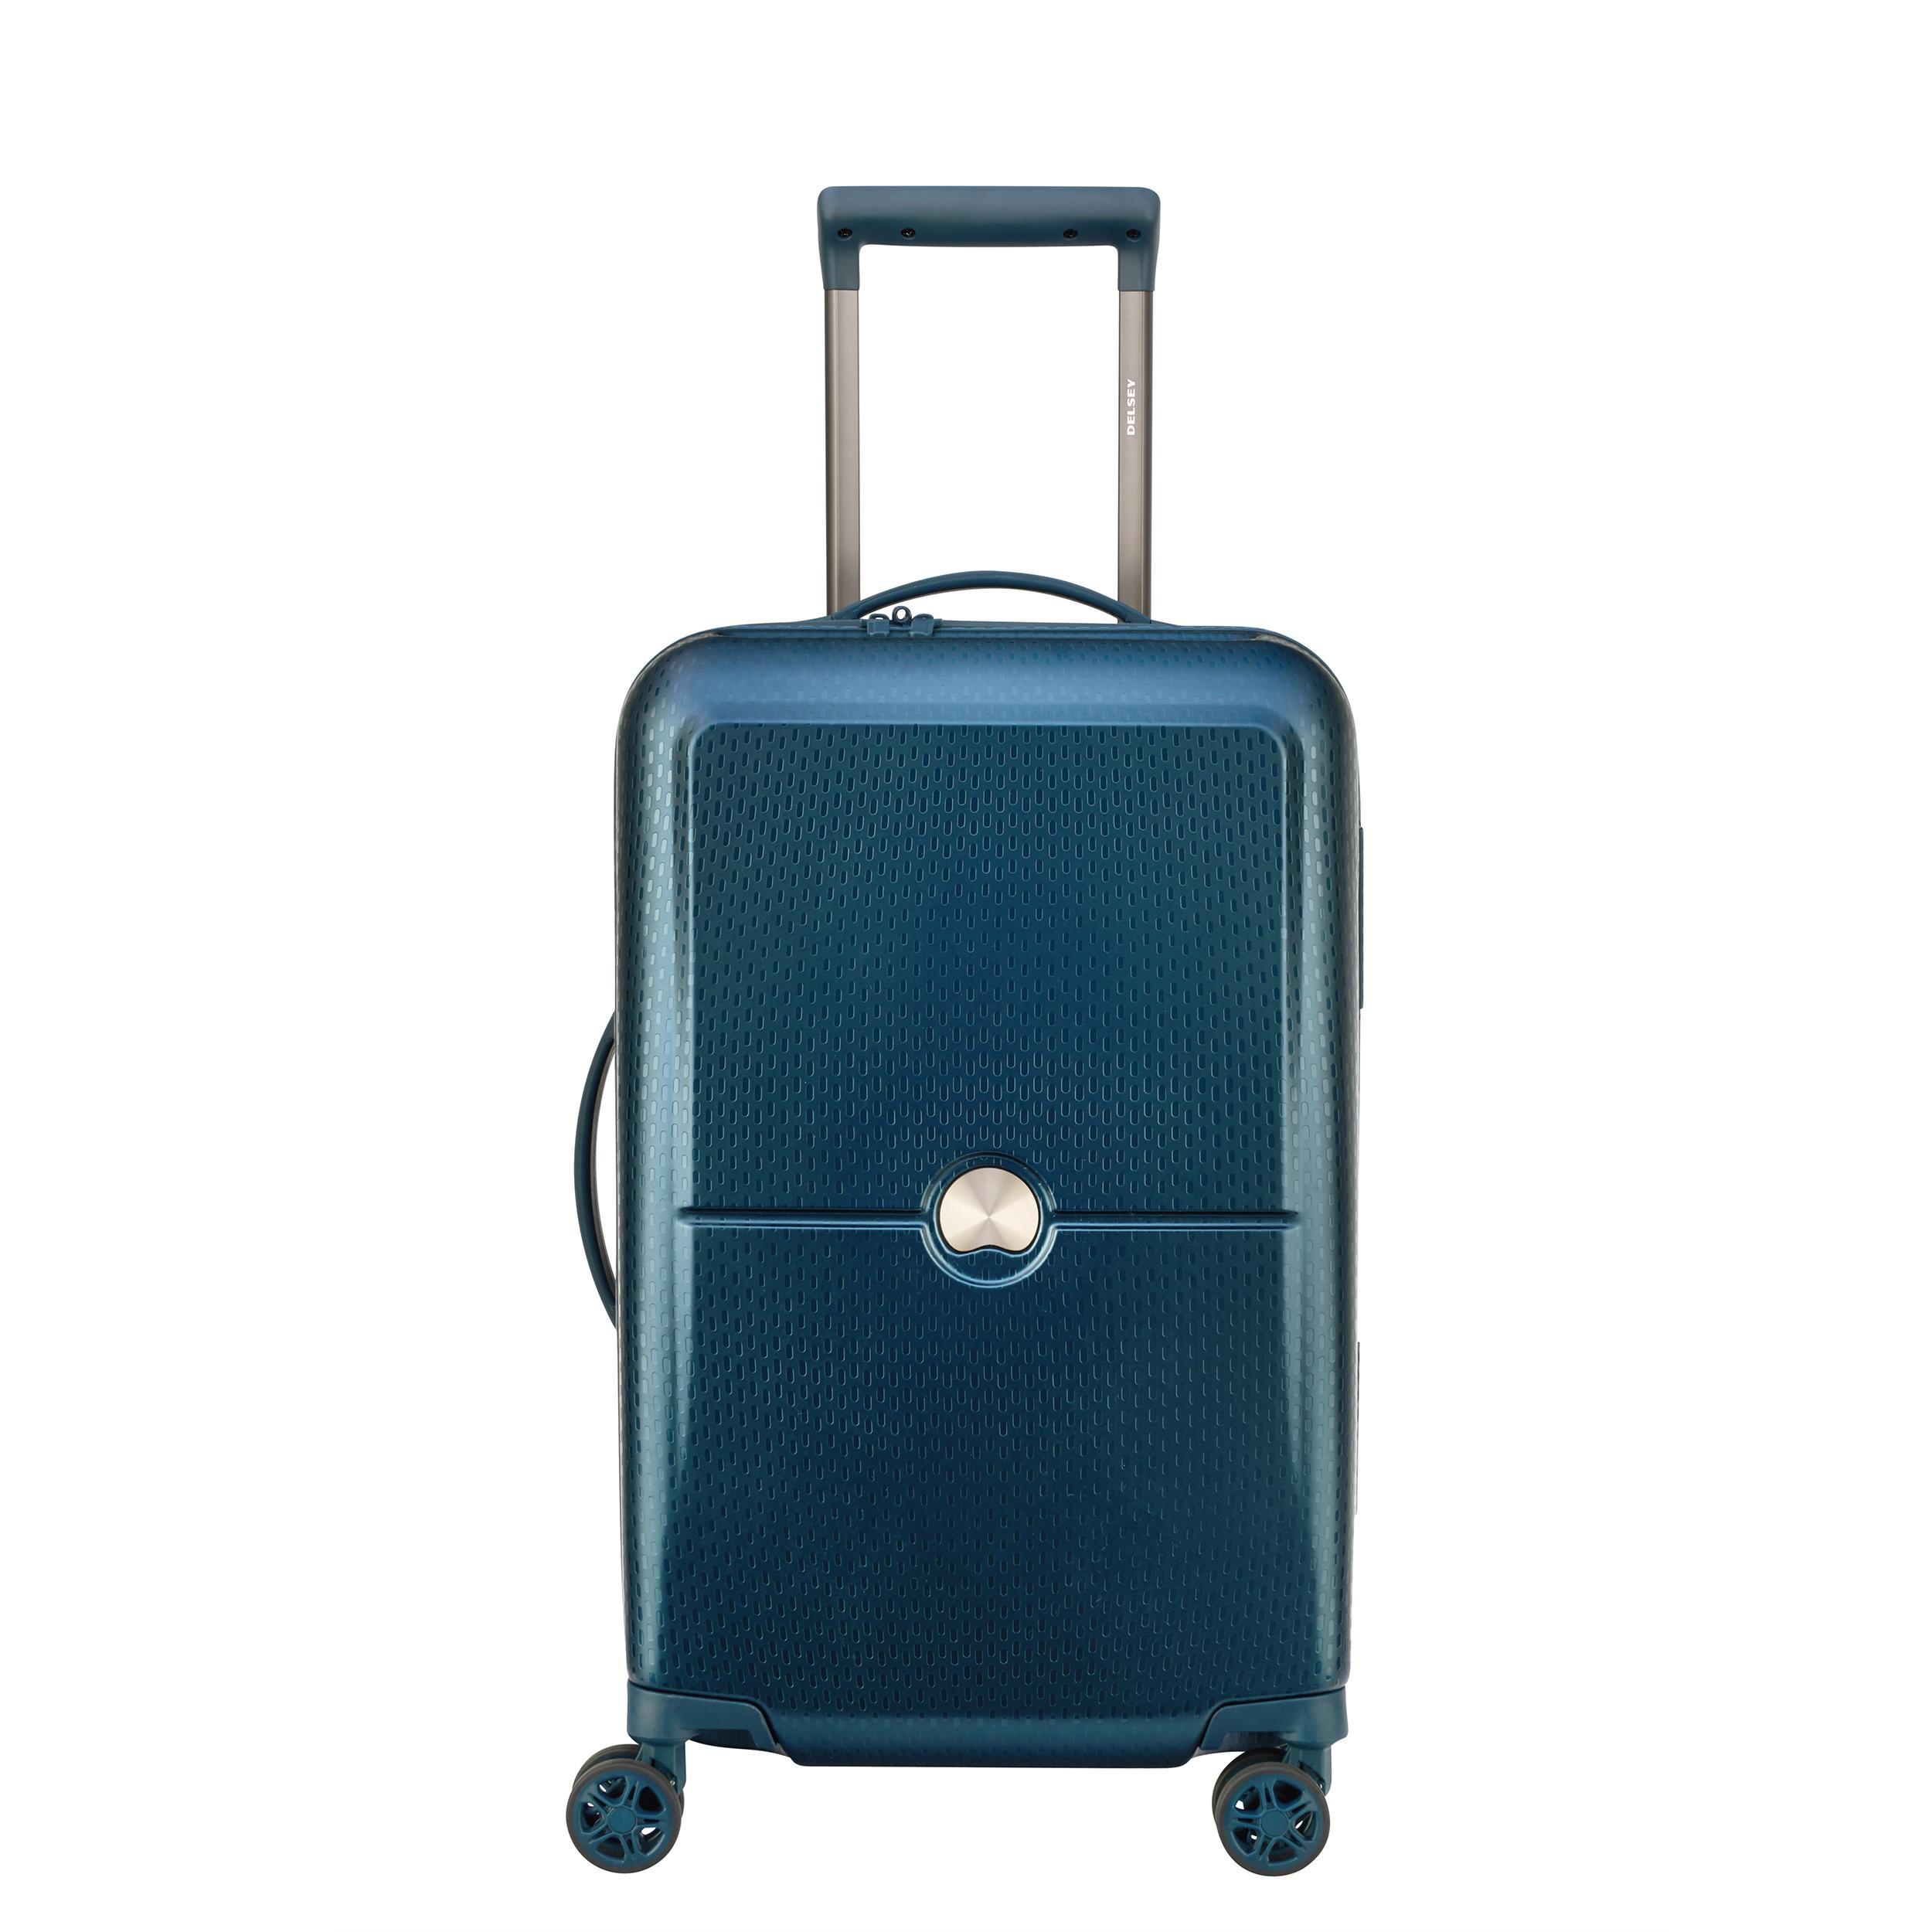 چمدان دلسی مدل TURENNE کد 1621801 سایز کوچک main 1 15